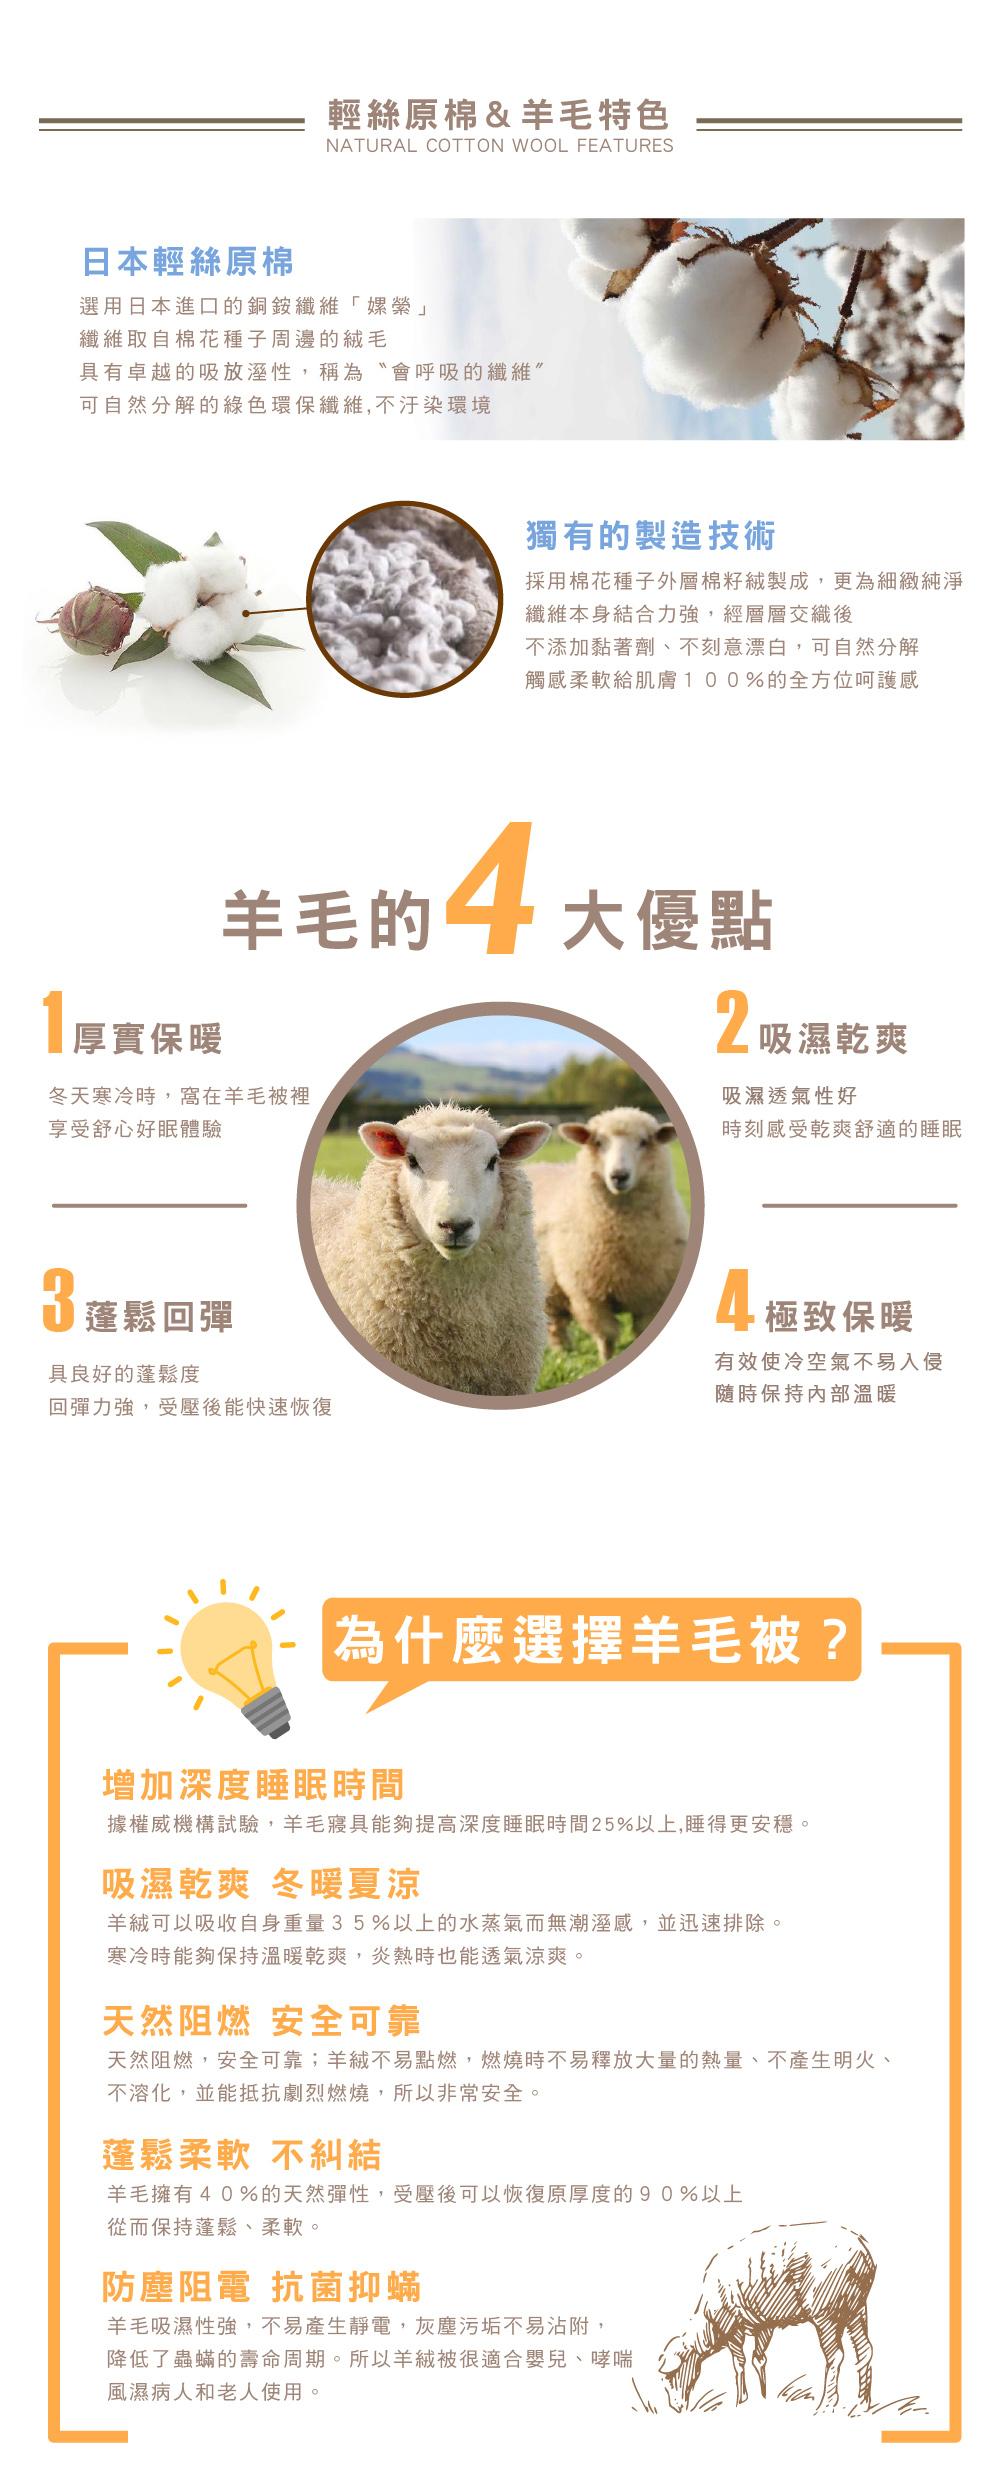 特賣《義大利La Belle》雙人羊毛被/日本原棉發熱可水洗(BLQ19551AD)